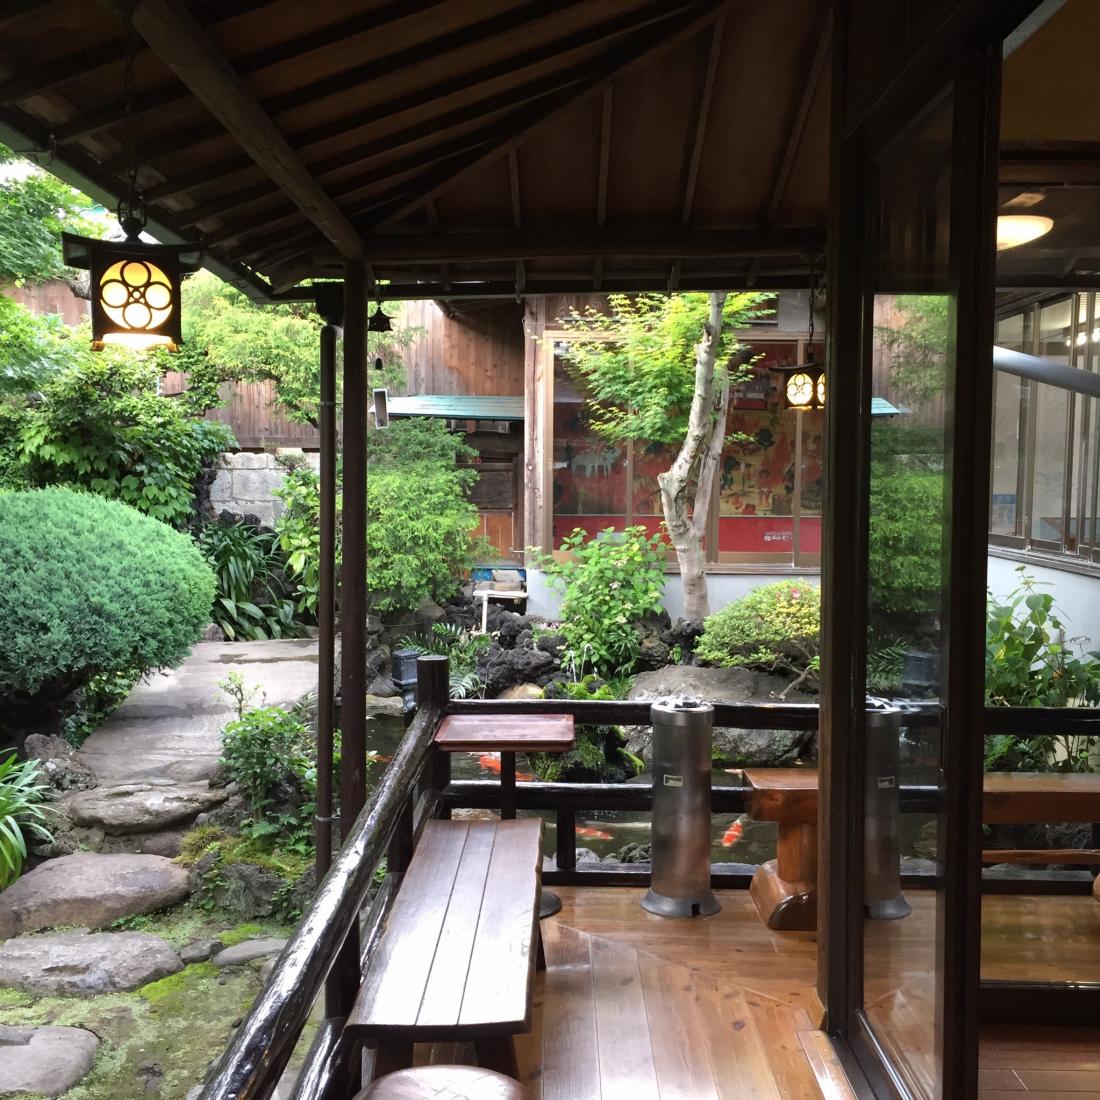 Soak Up Tokyo S Shitamachi Culture At Takara Yu ¿カラ湯 Public Bath Japankuru Japankuru Let S Share Our Japanese Stories